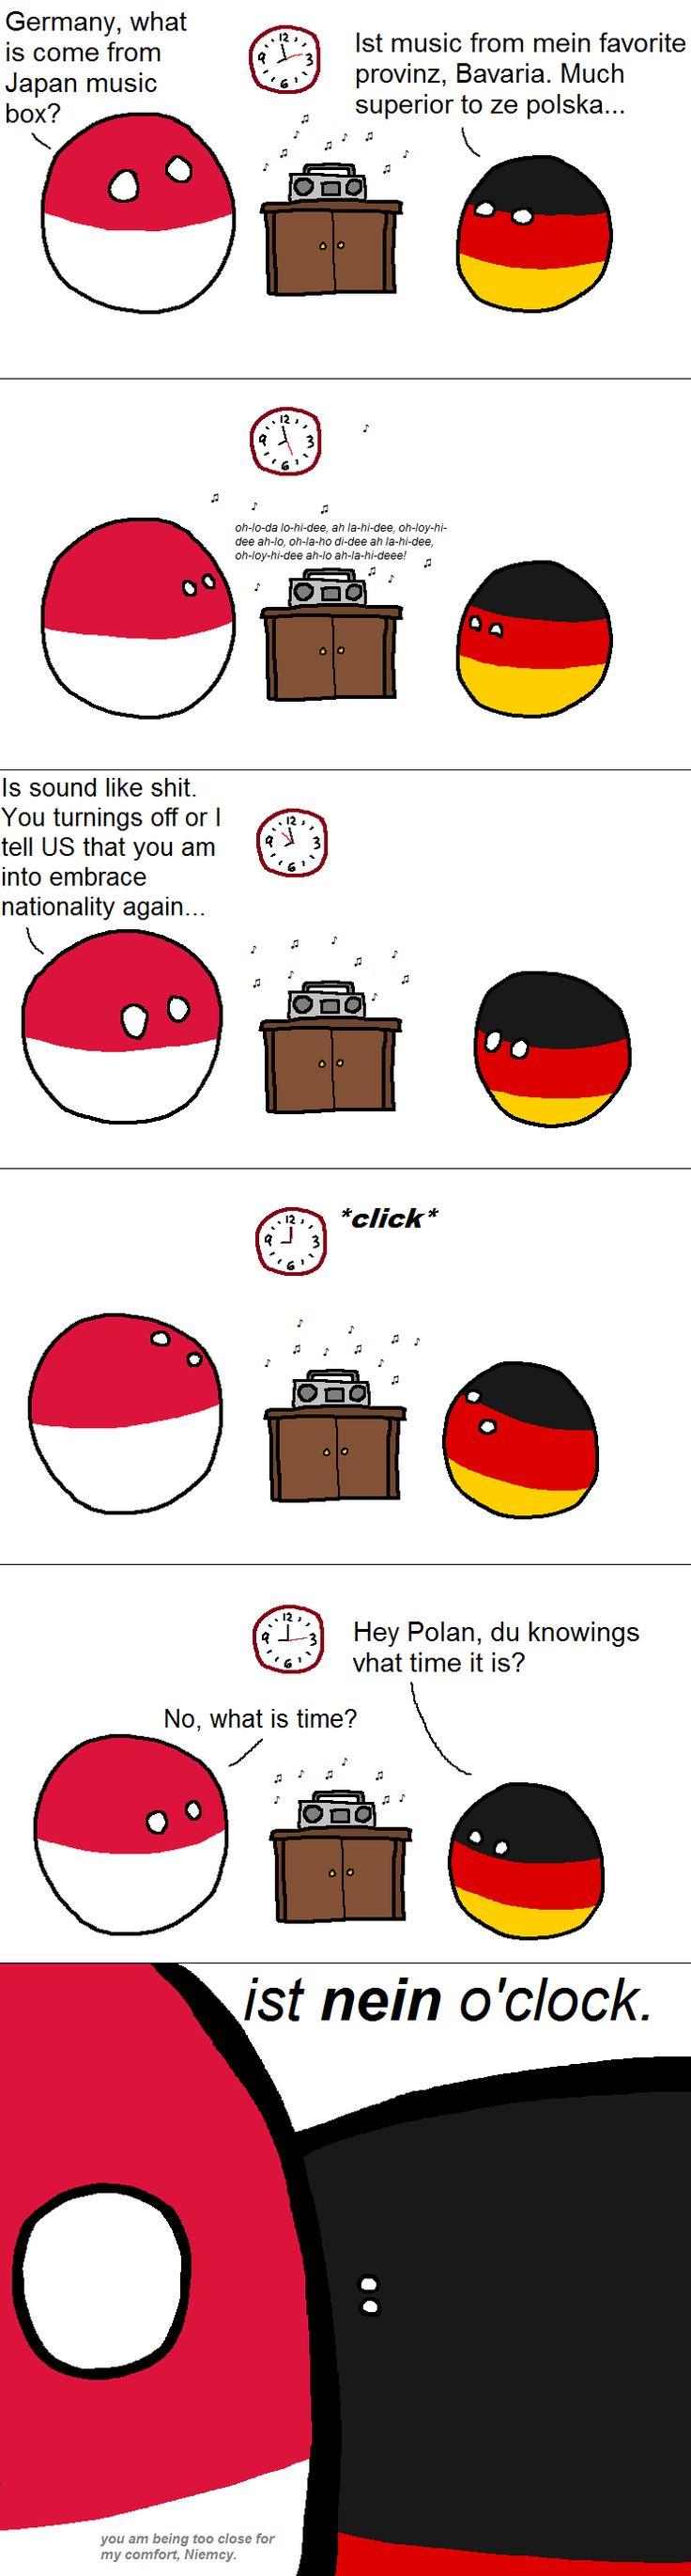 German Folk Music is ÜBERLEGEN